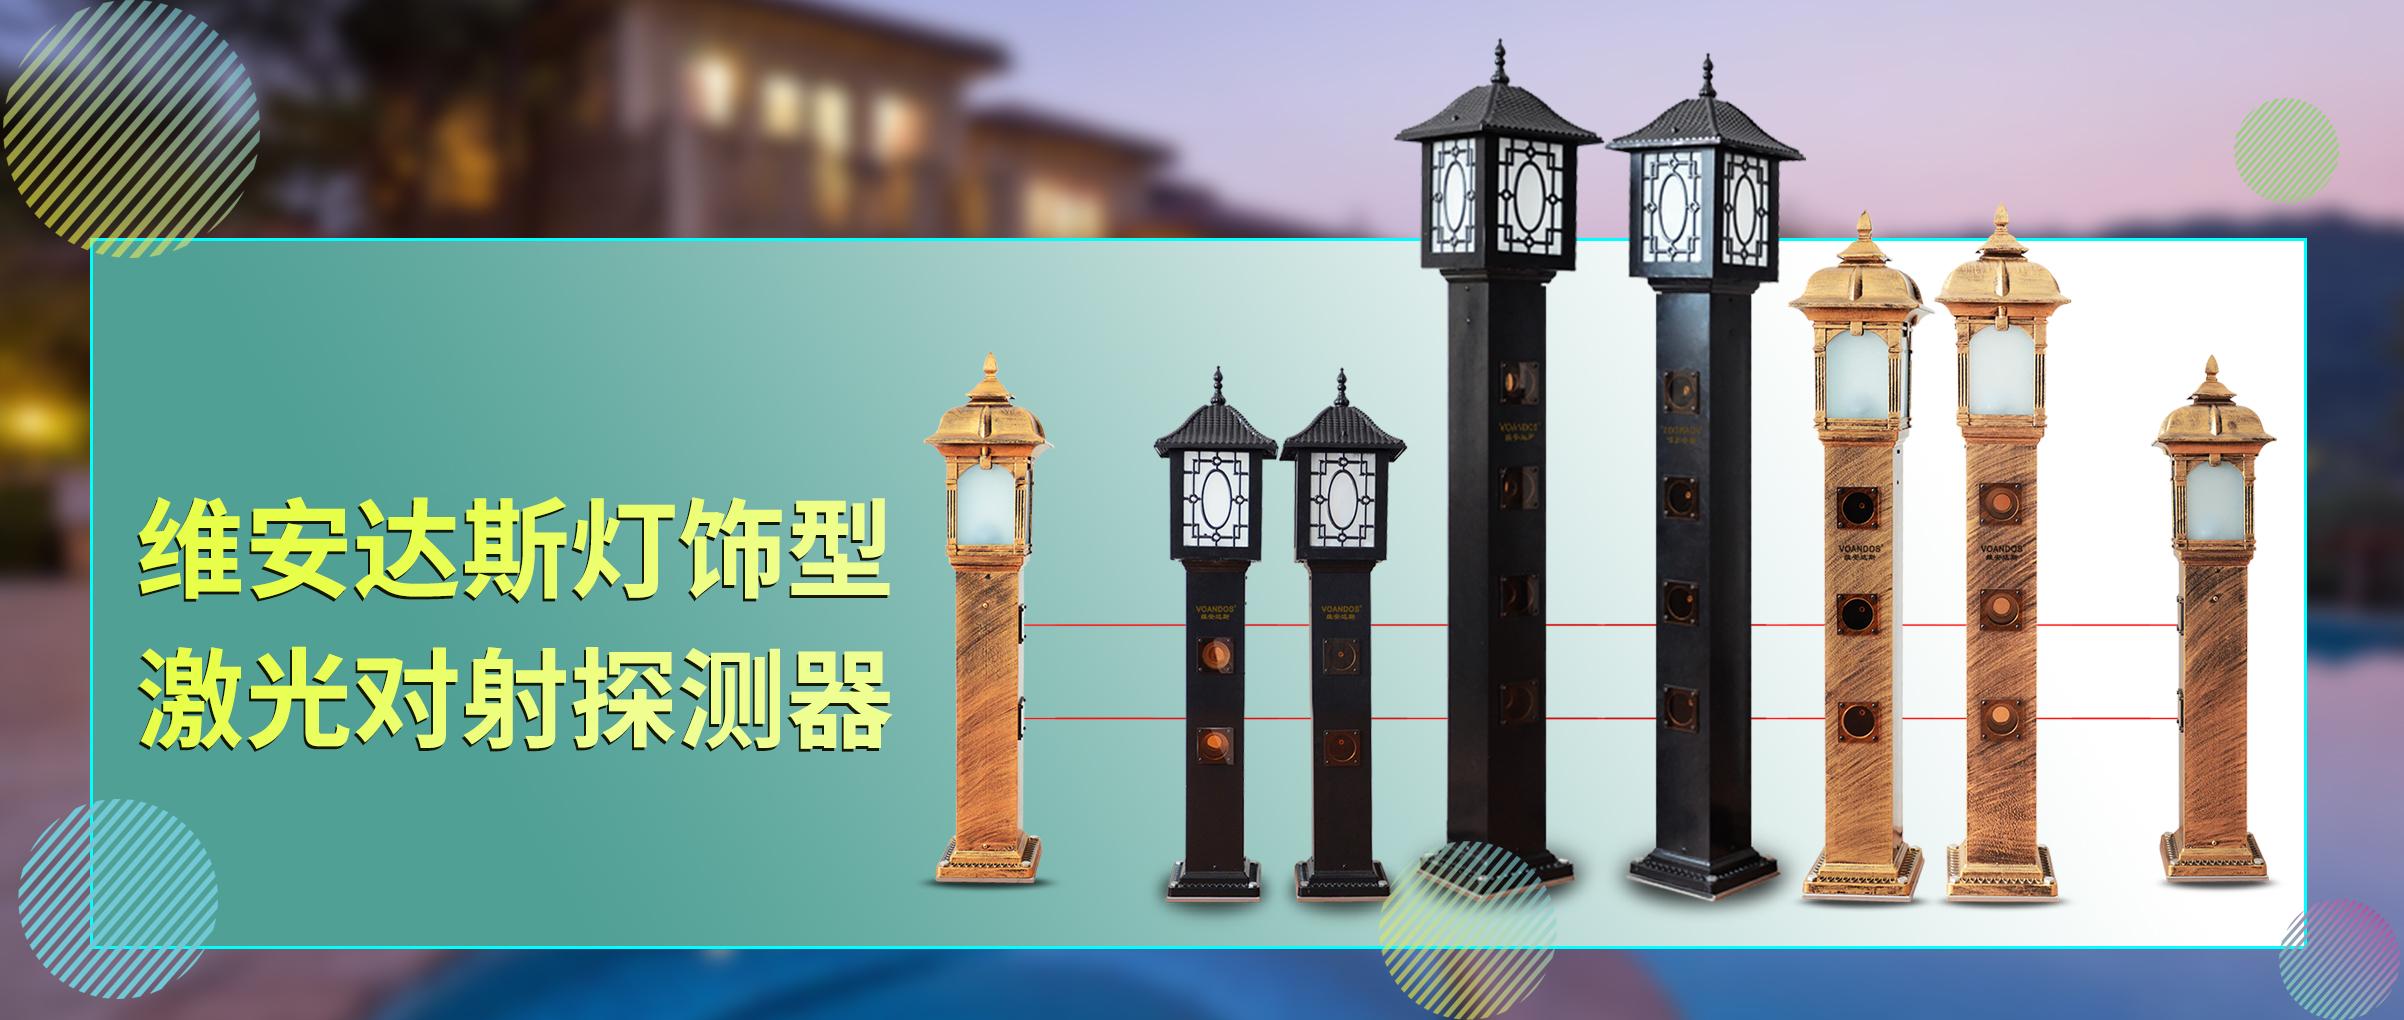 維安達斯燈飾型激光對射在別墅安防...